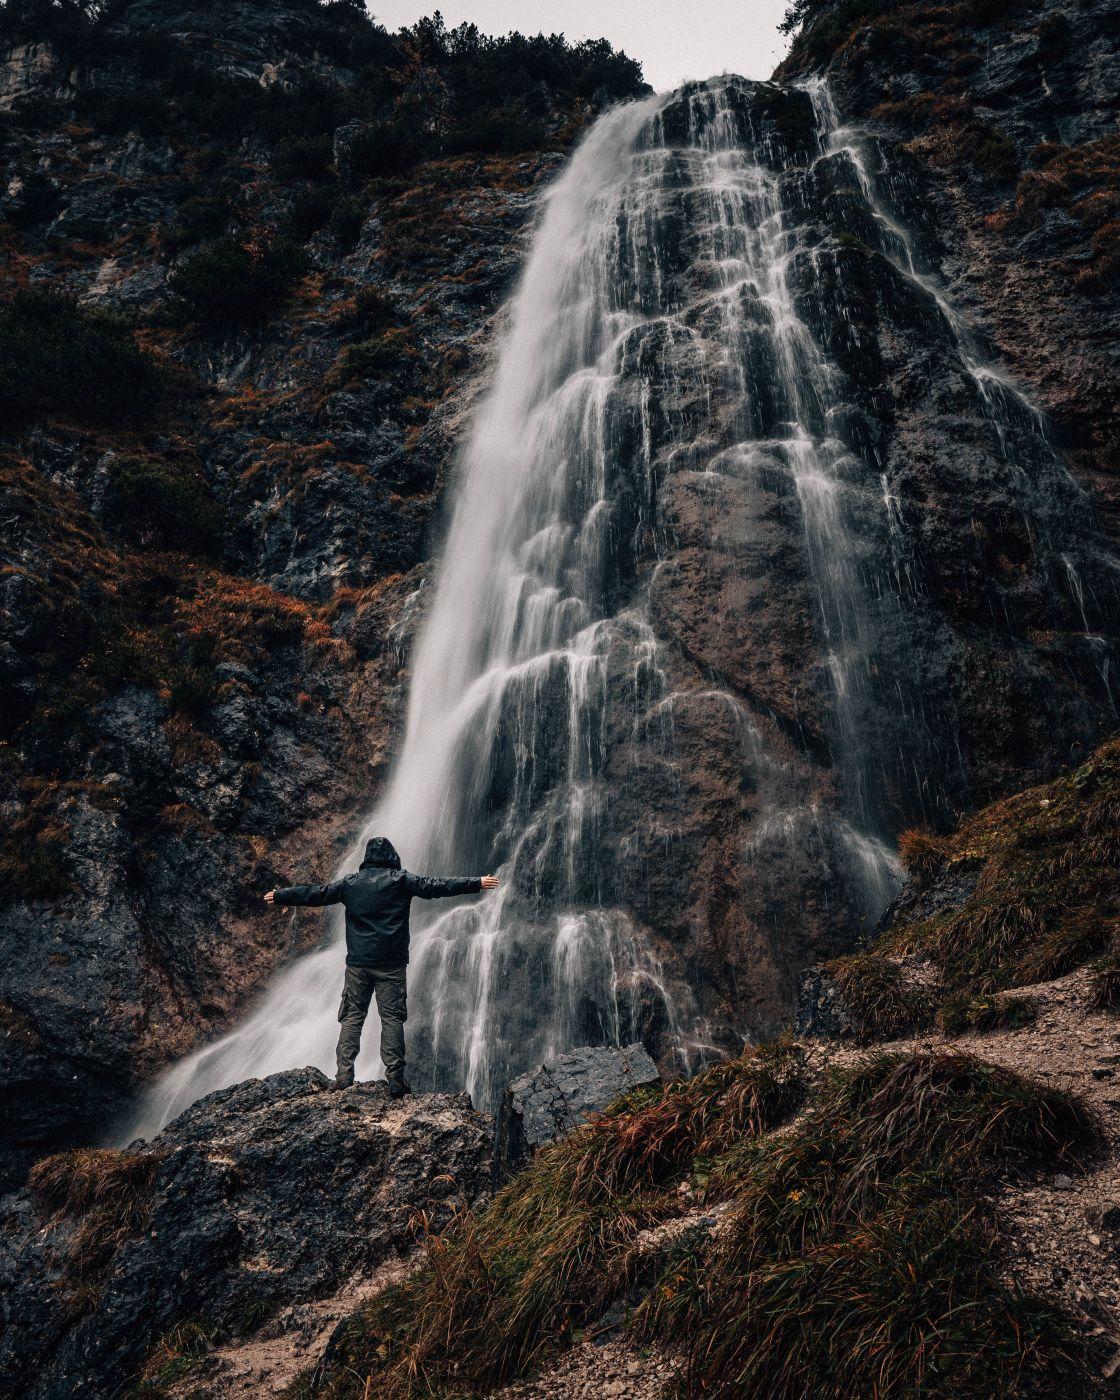 Dalfazer Wasserfall, Austria